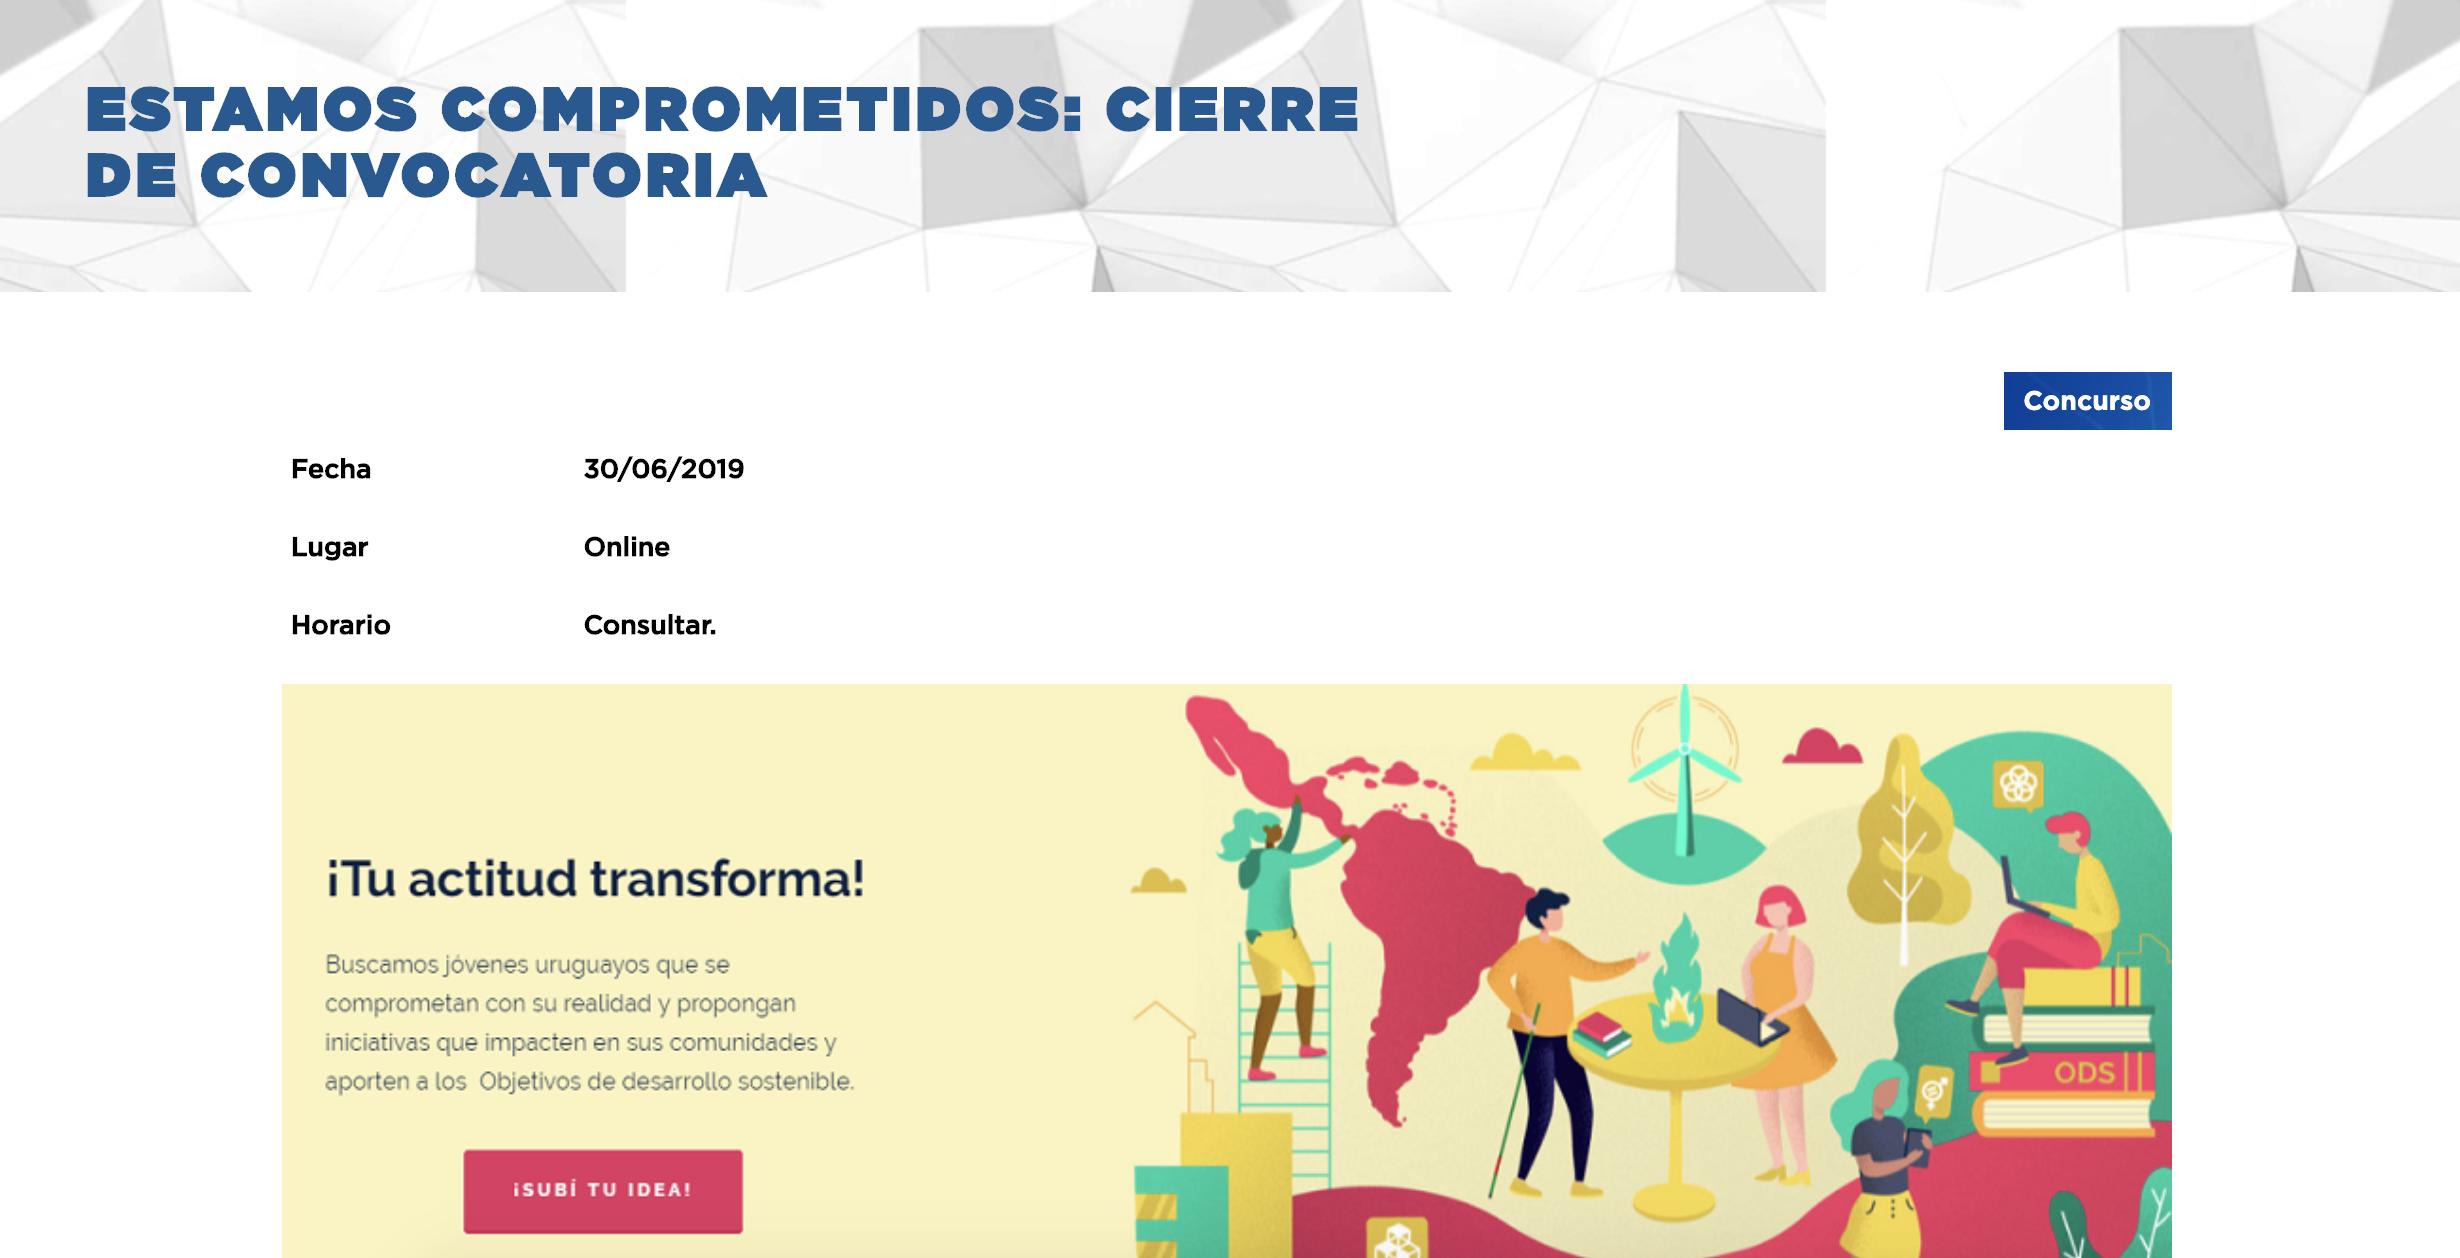 ESTAMOS COMPROMETIDOS: CIERRE DE CONVOCATORIA -